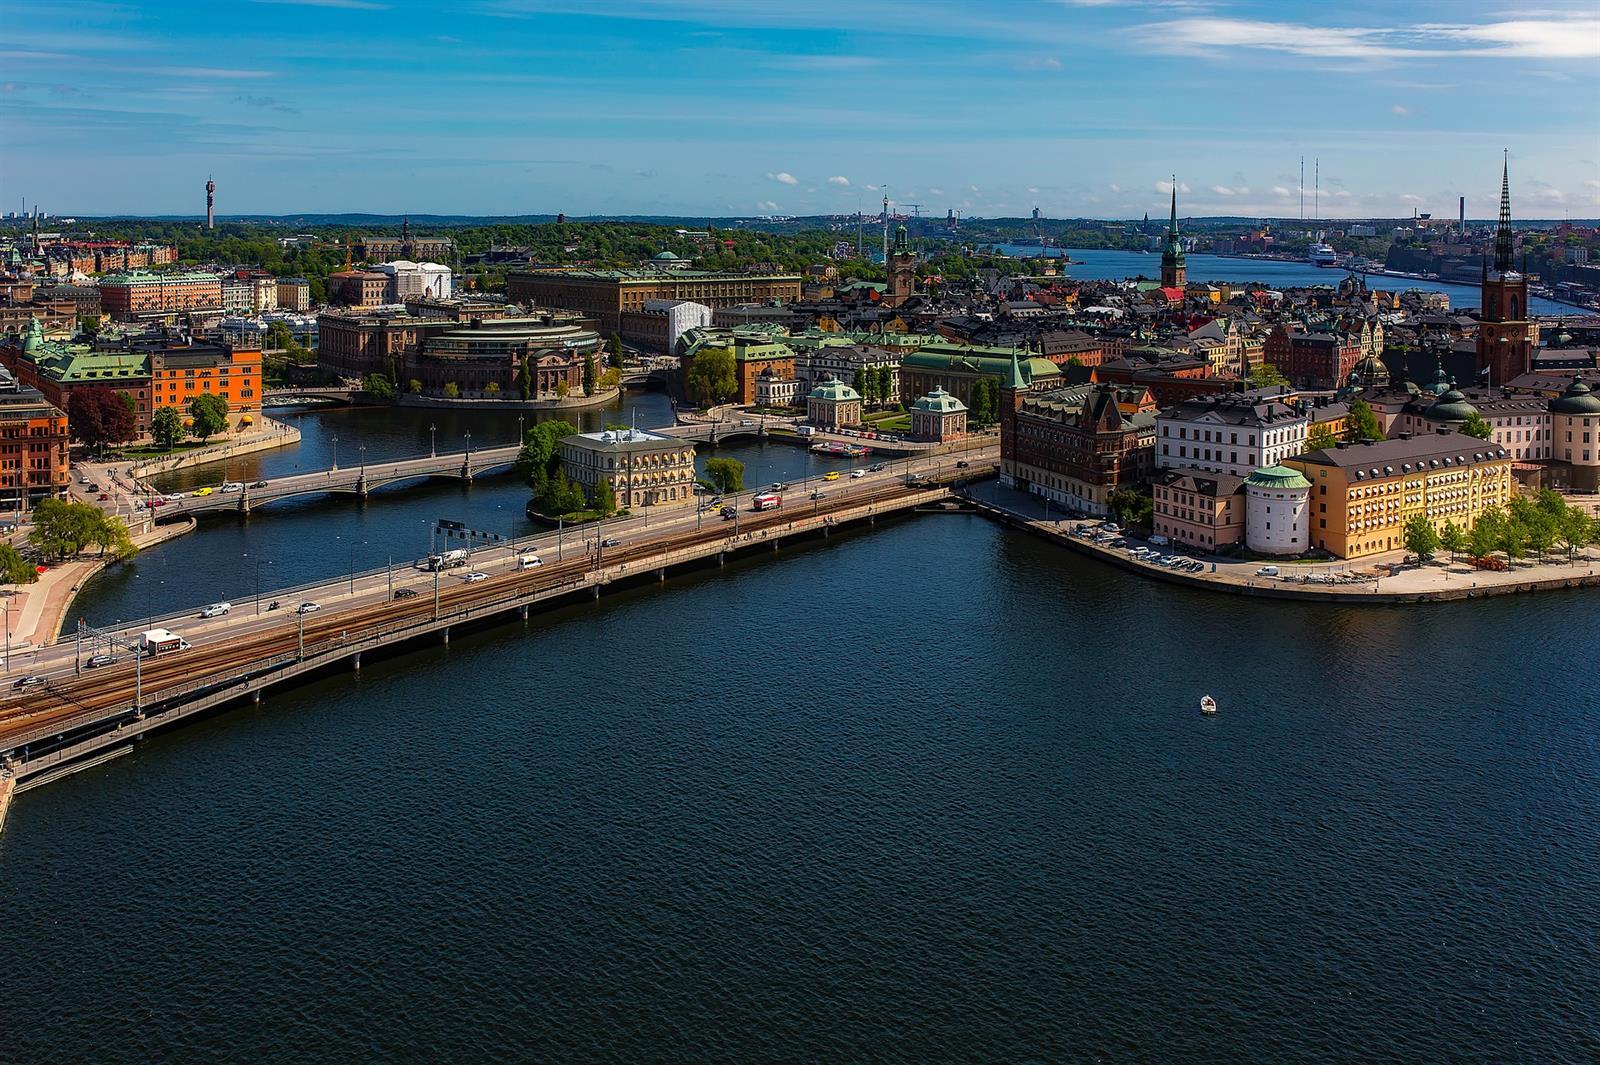 שטוקהולם (Pixabay)